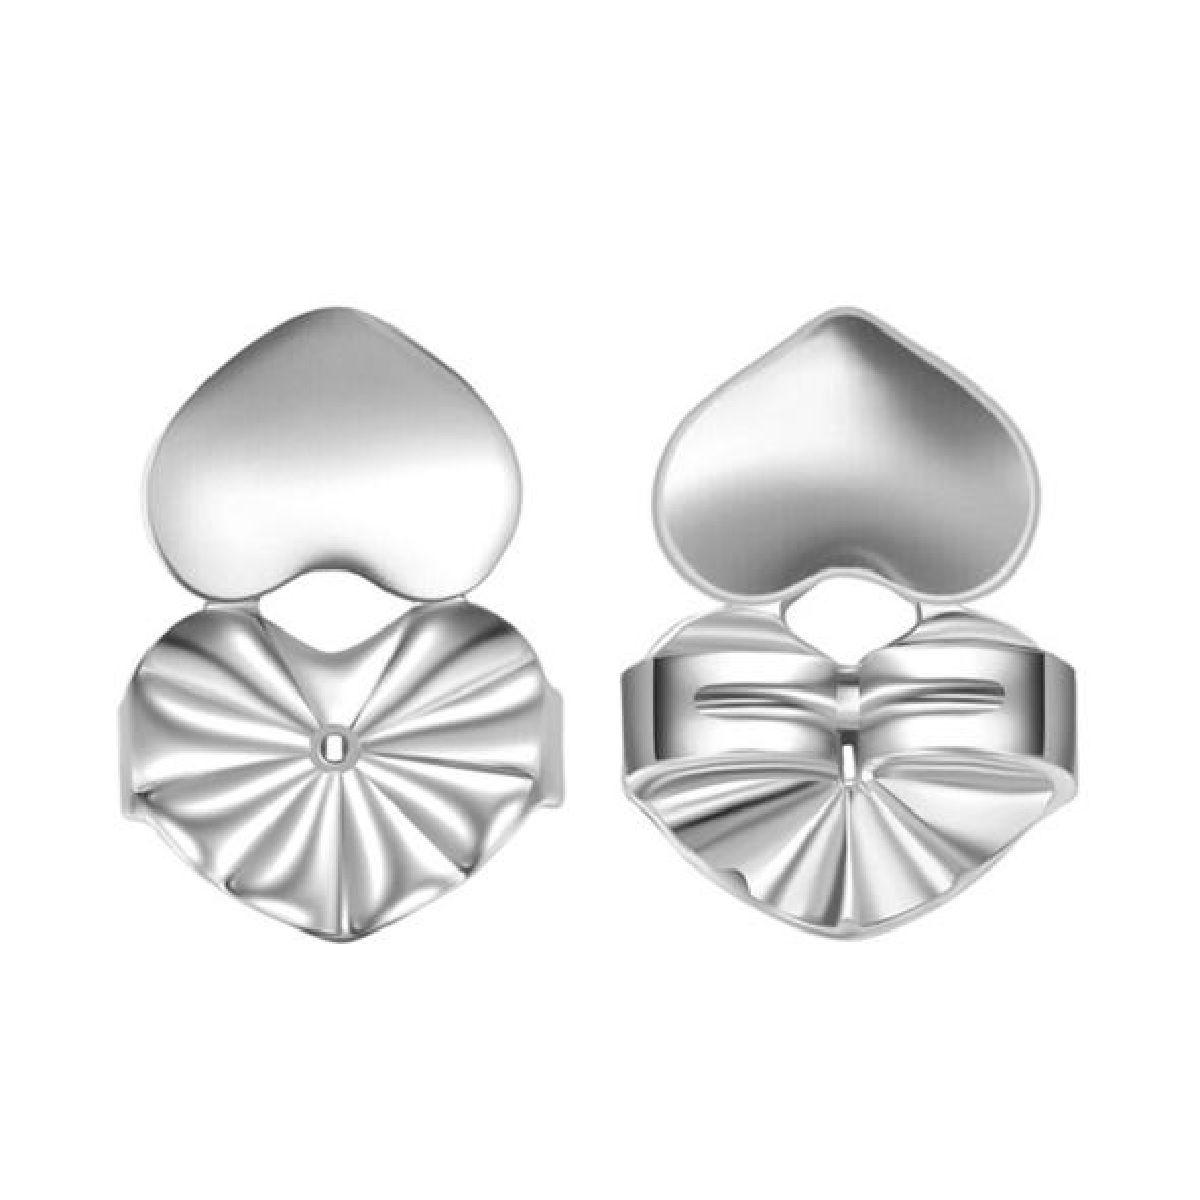 Brinco Ear Cuff Palito Ródio Branco com Zircônia Cristal Semijoia  - Soloyou